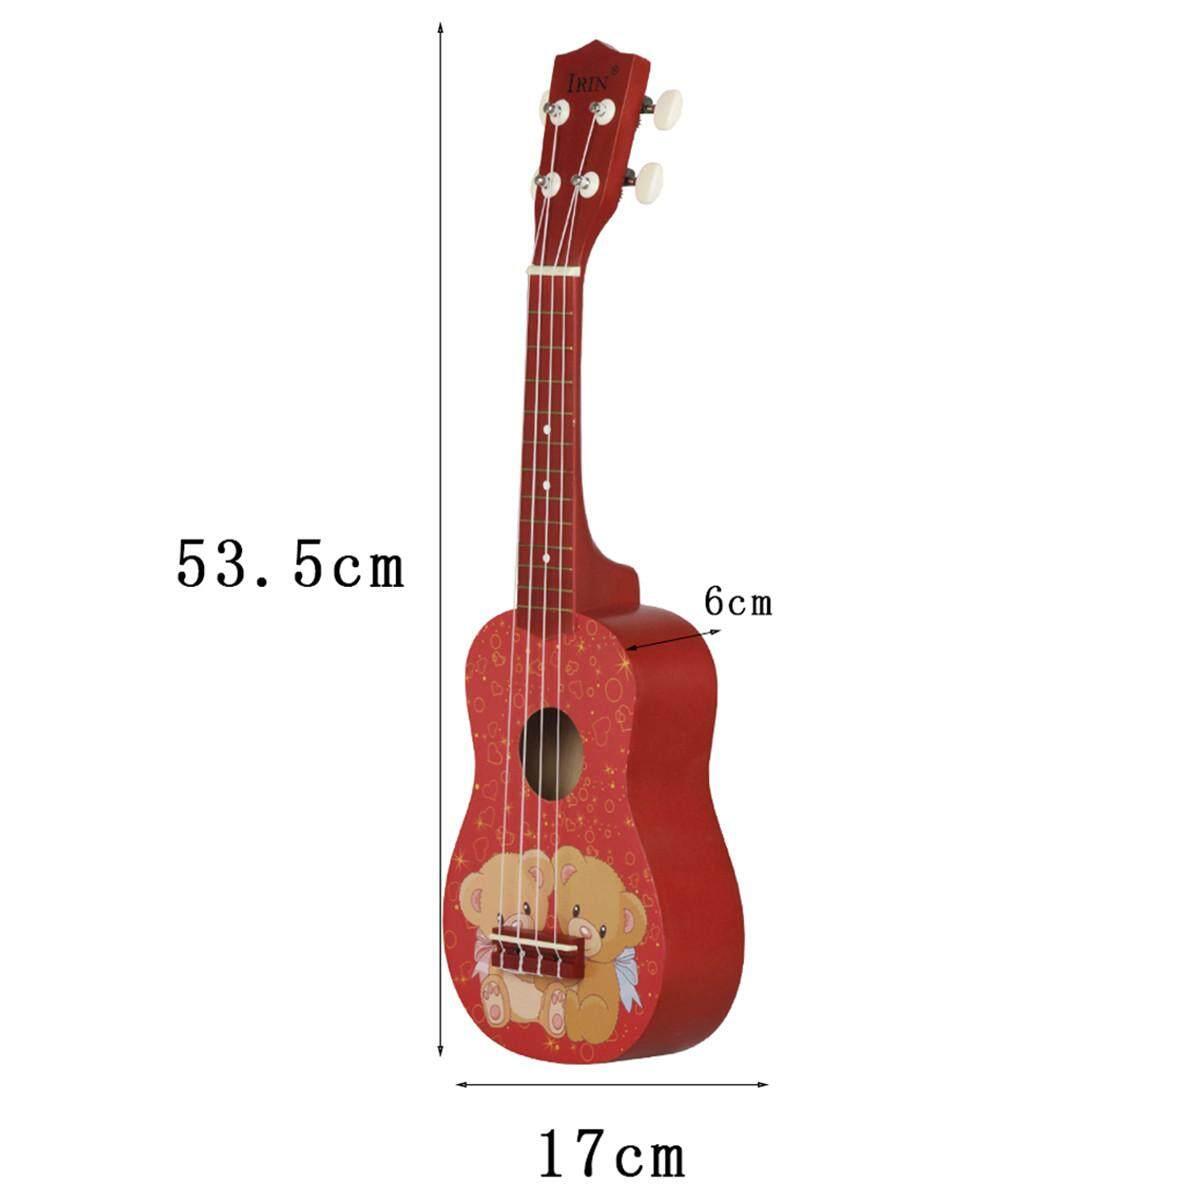 【Freebang】 21 Mini Acoustic Guitar 4 Dây Ukulele Nhạc Cụ Cho Người Mới Bắt Đầu Học Sinh